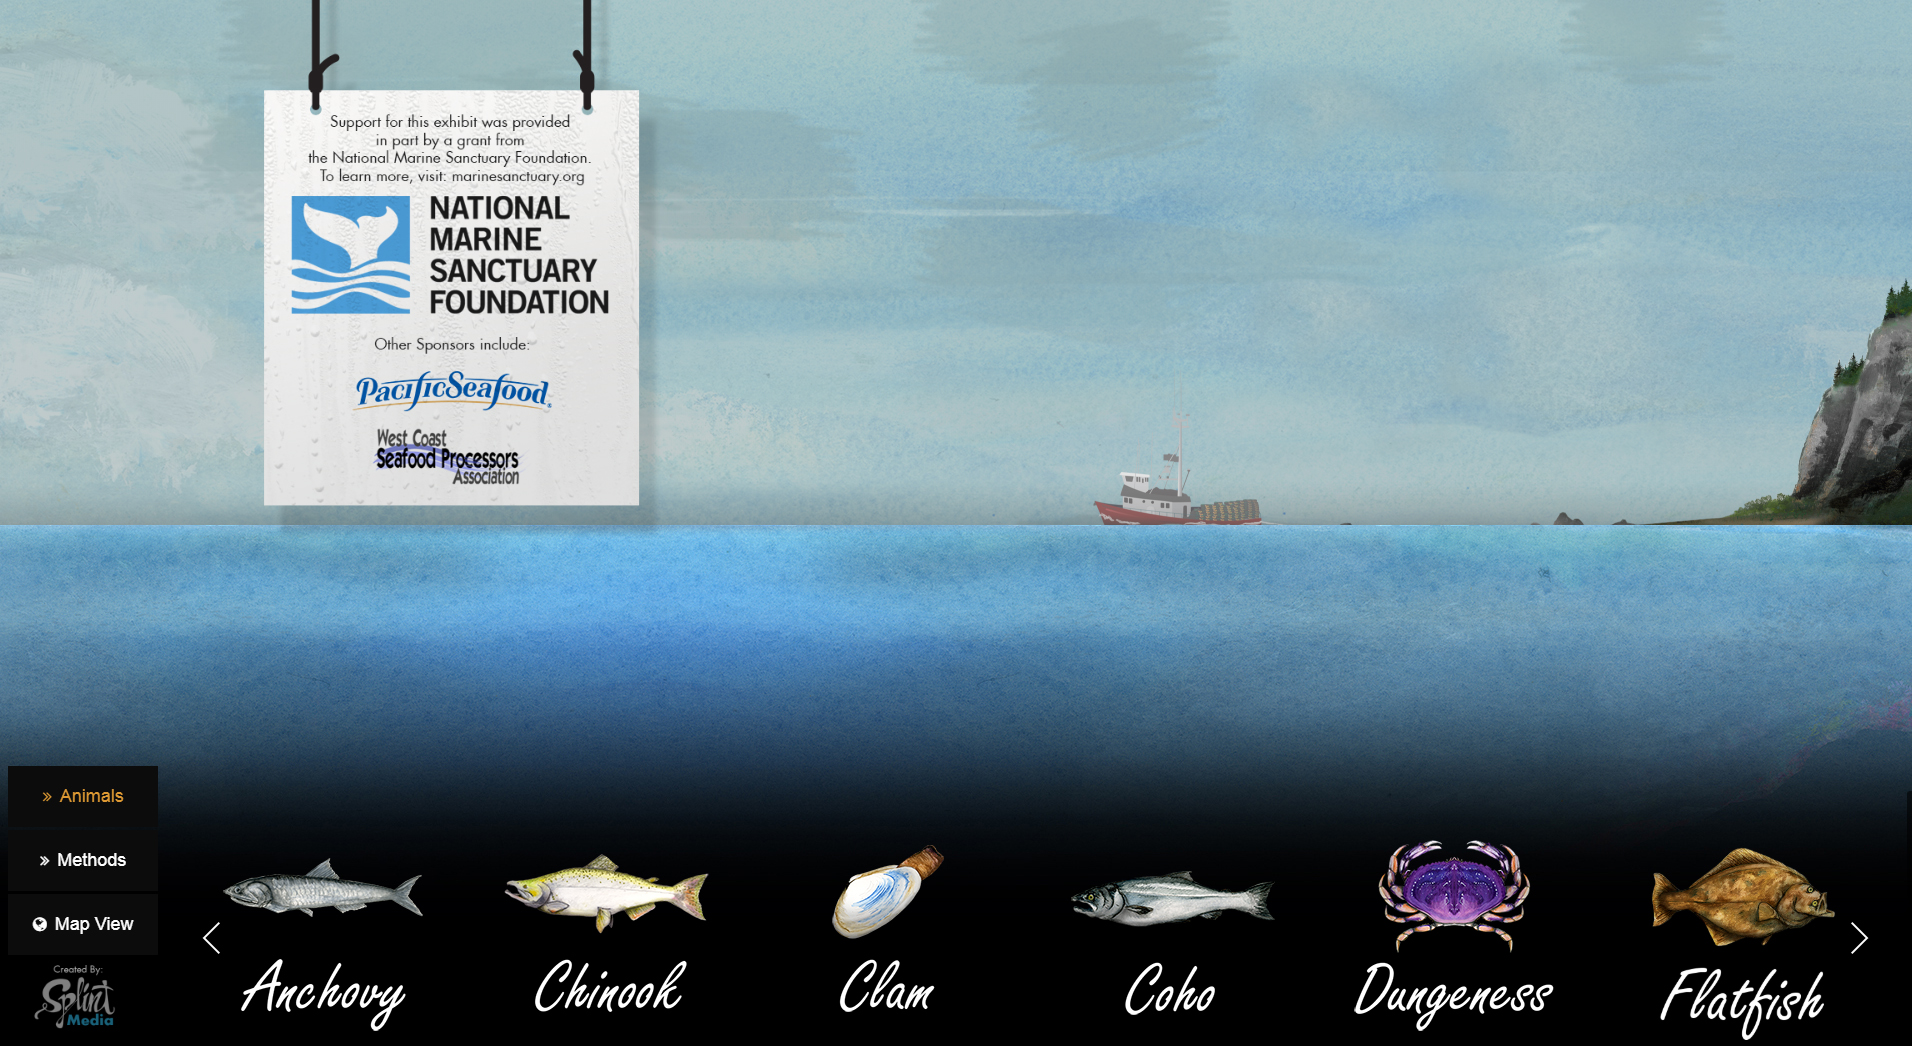 Interactive Fisheries Exhibit